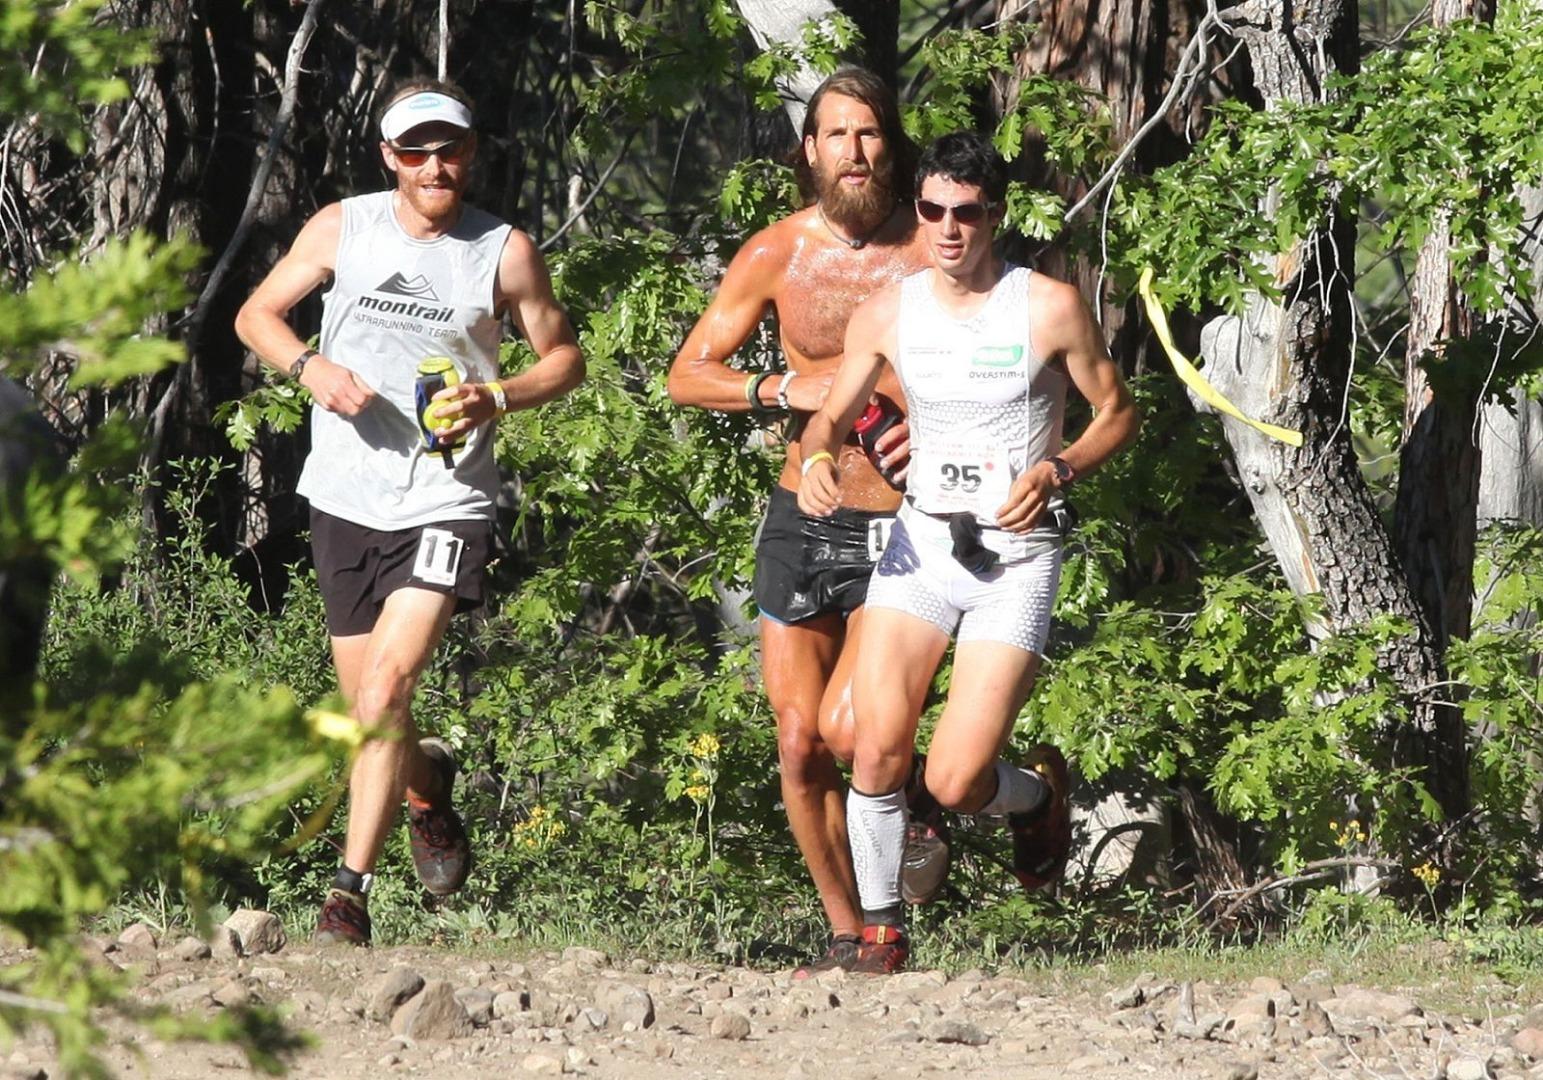 La emocionante historia de las carreras por montaña